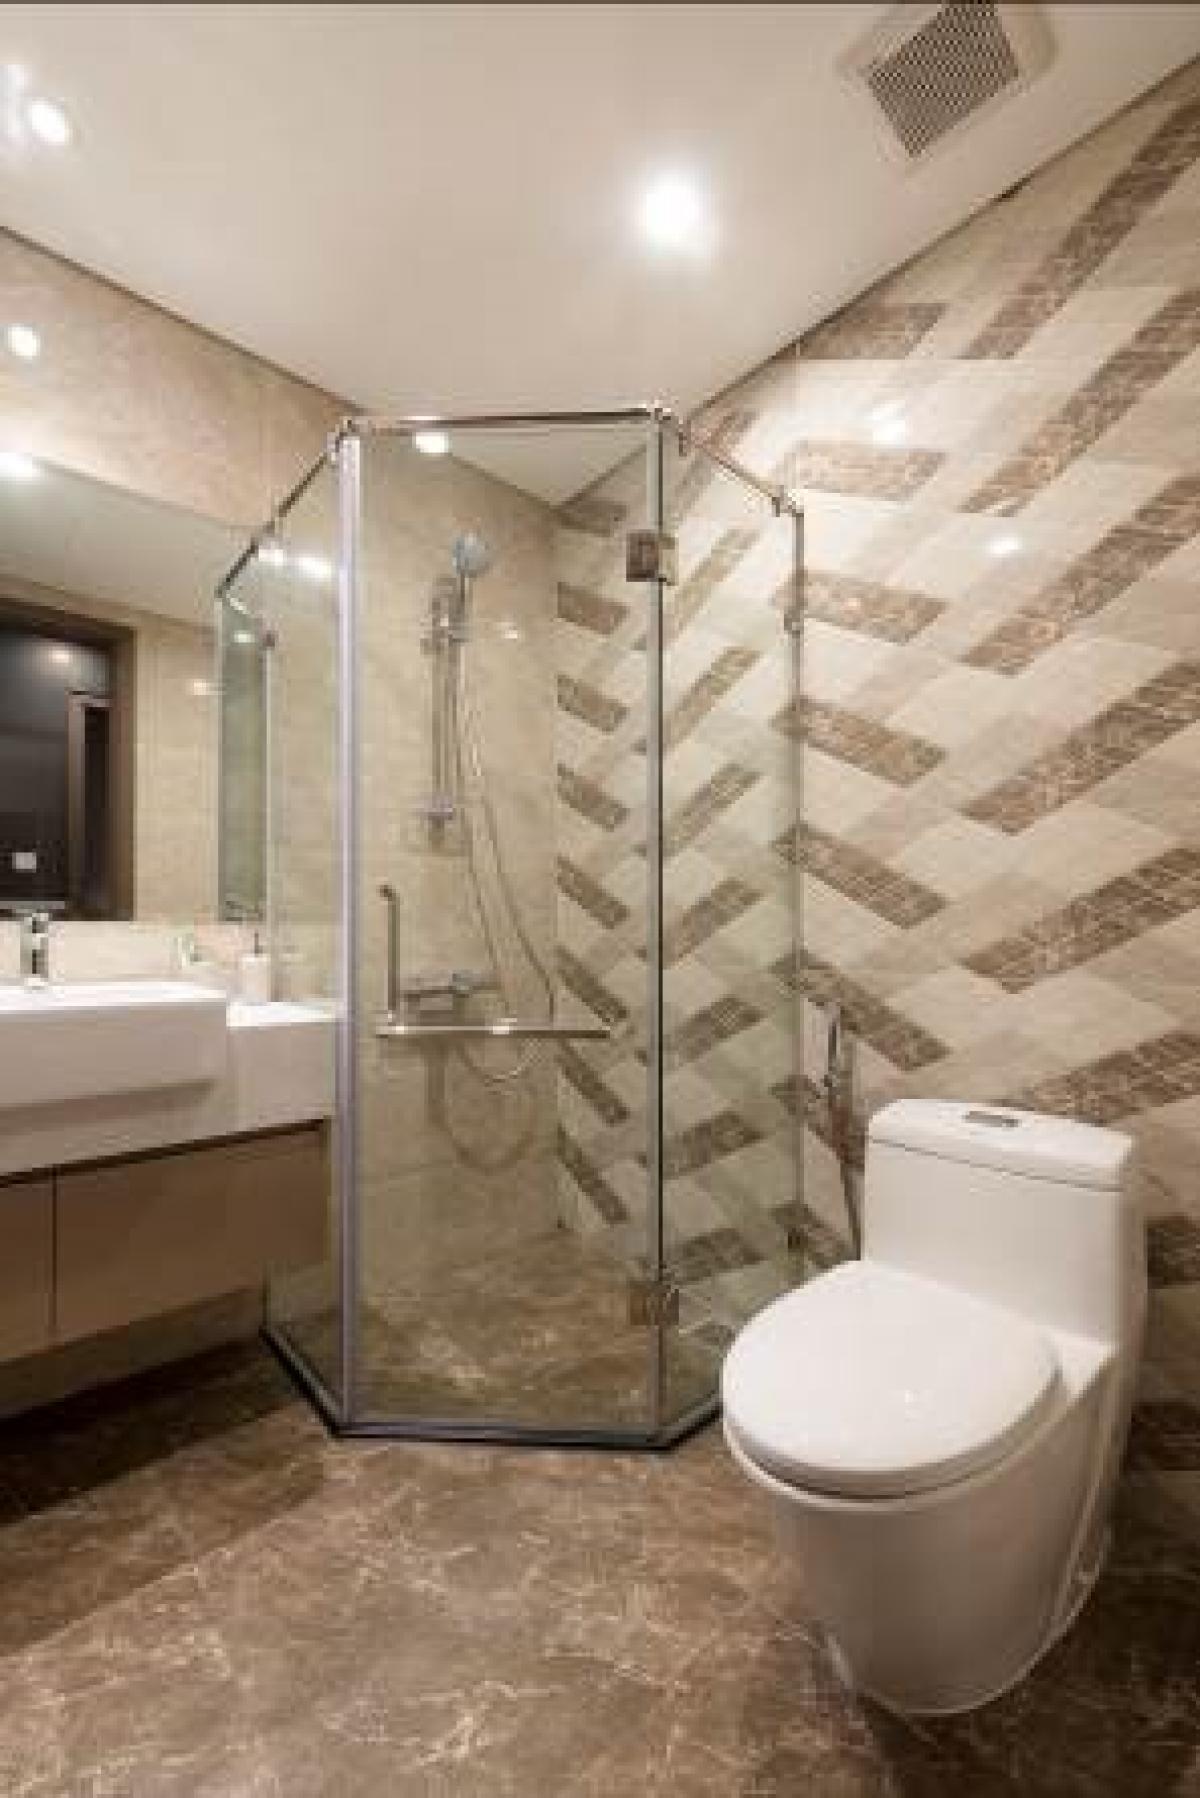 Mỗi căn hộ đều có nhà tắm lớn và nhỏ với thiết bị vệ sinh cao cấp của Toto, Kohler. Buồng tắm ngăn vách kính riêng, thiết kế giúp khô ráo, thông hơi tốt.